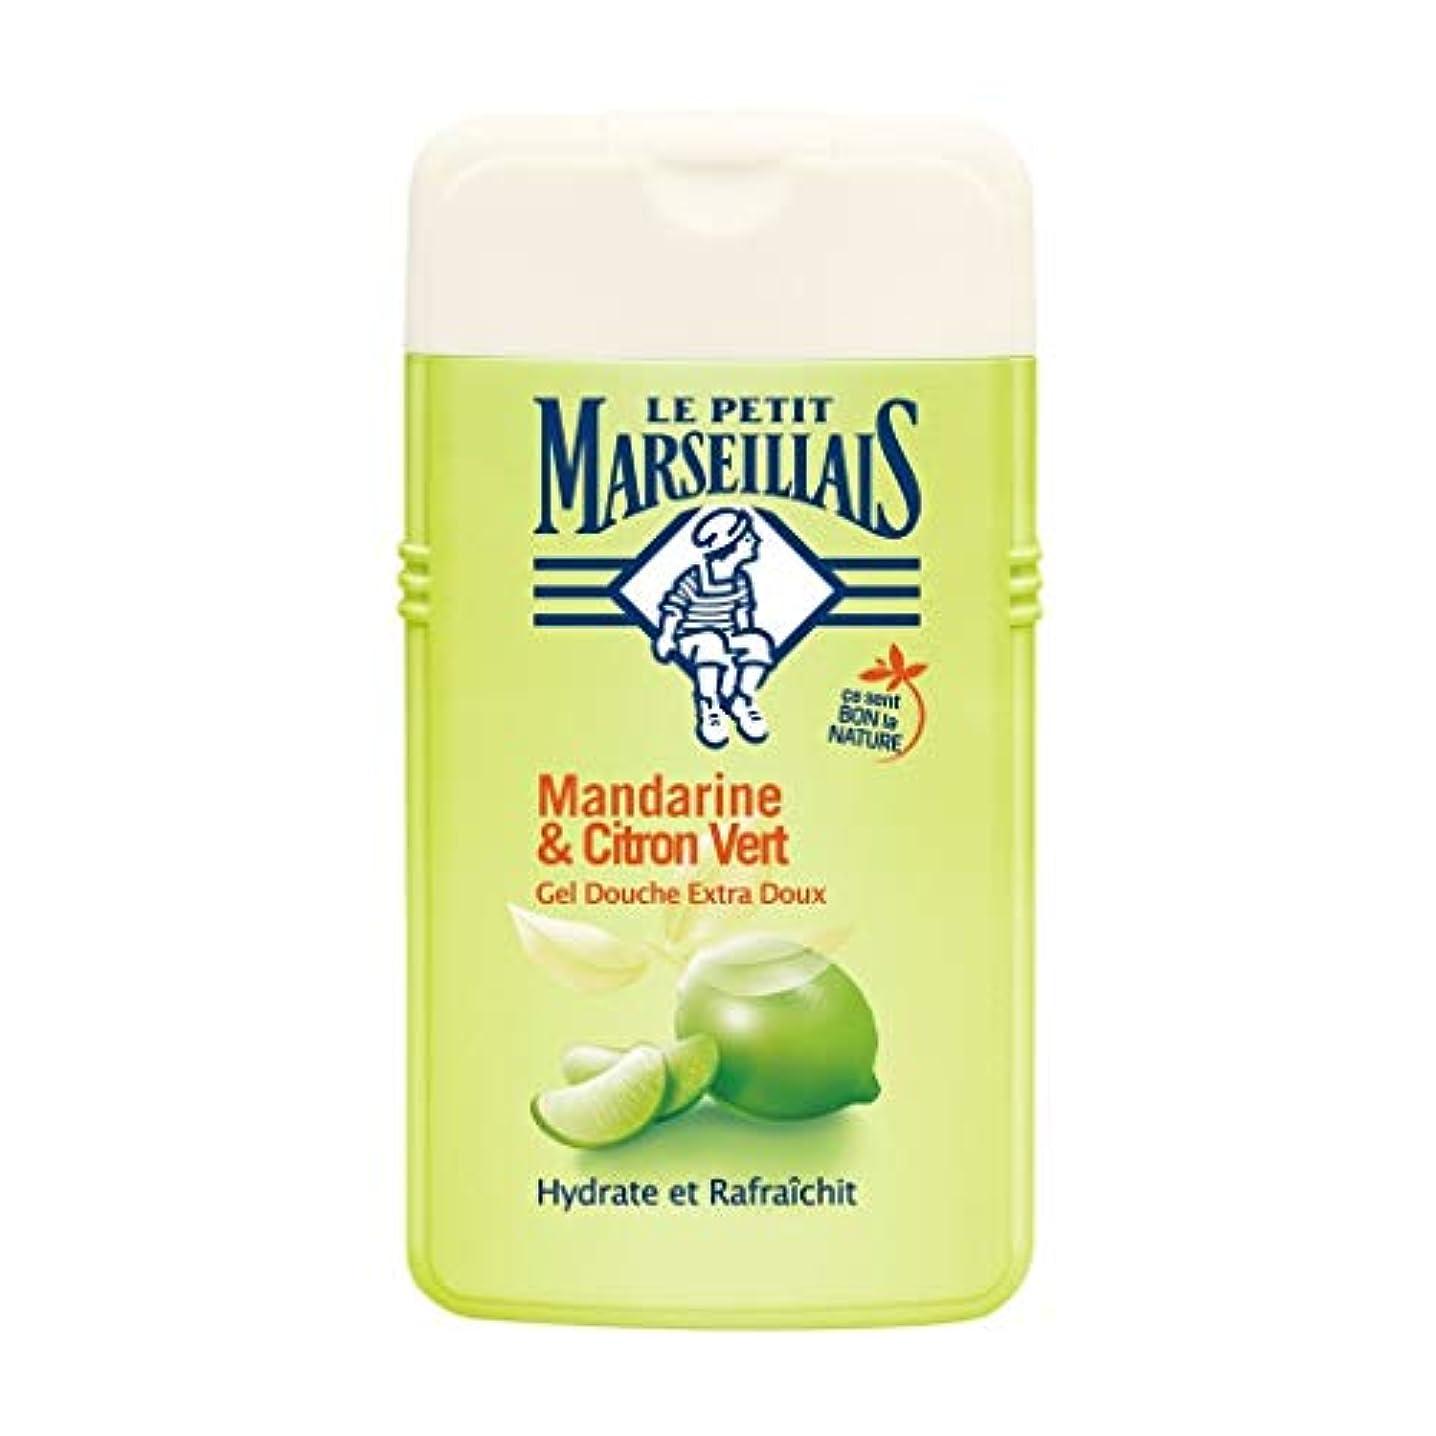 グラフィックかなりの信頼性のあるル プティ マルセイユ Le Petit Marseillais シャワージェル/ボディソープ (マンダリンオレンジ と ライム, 250 ml)